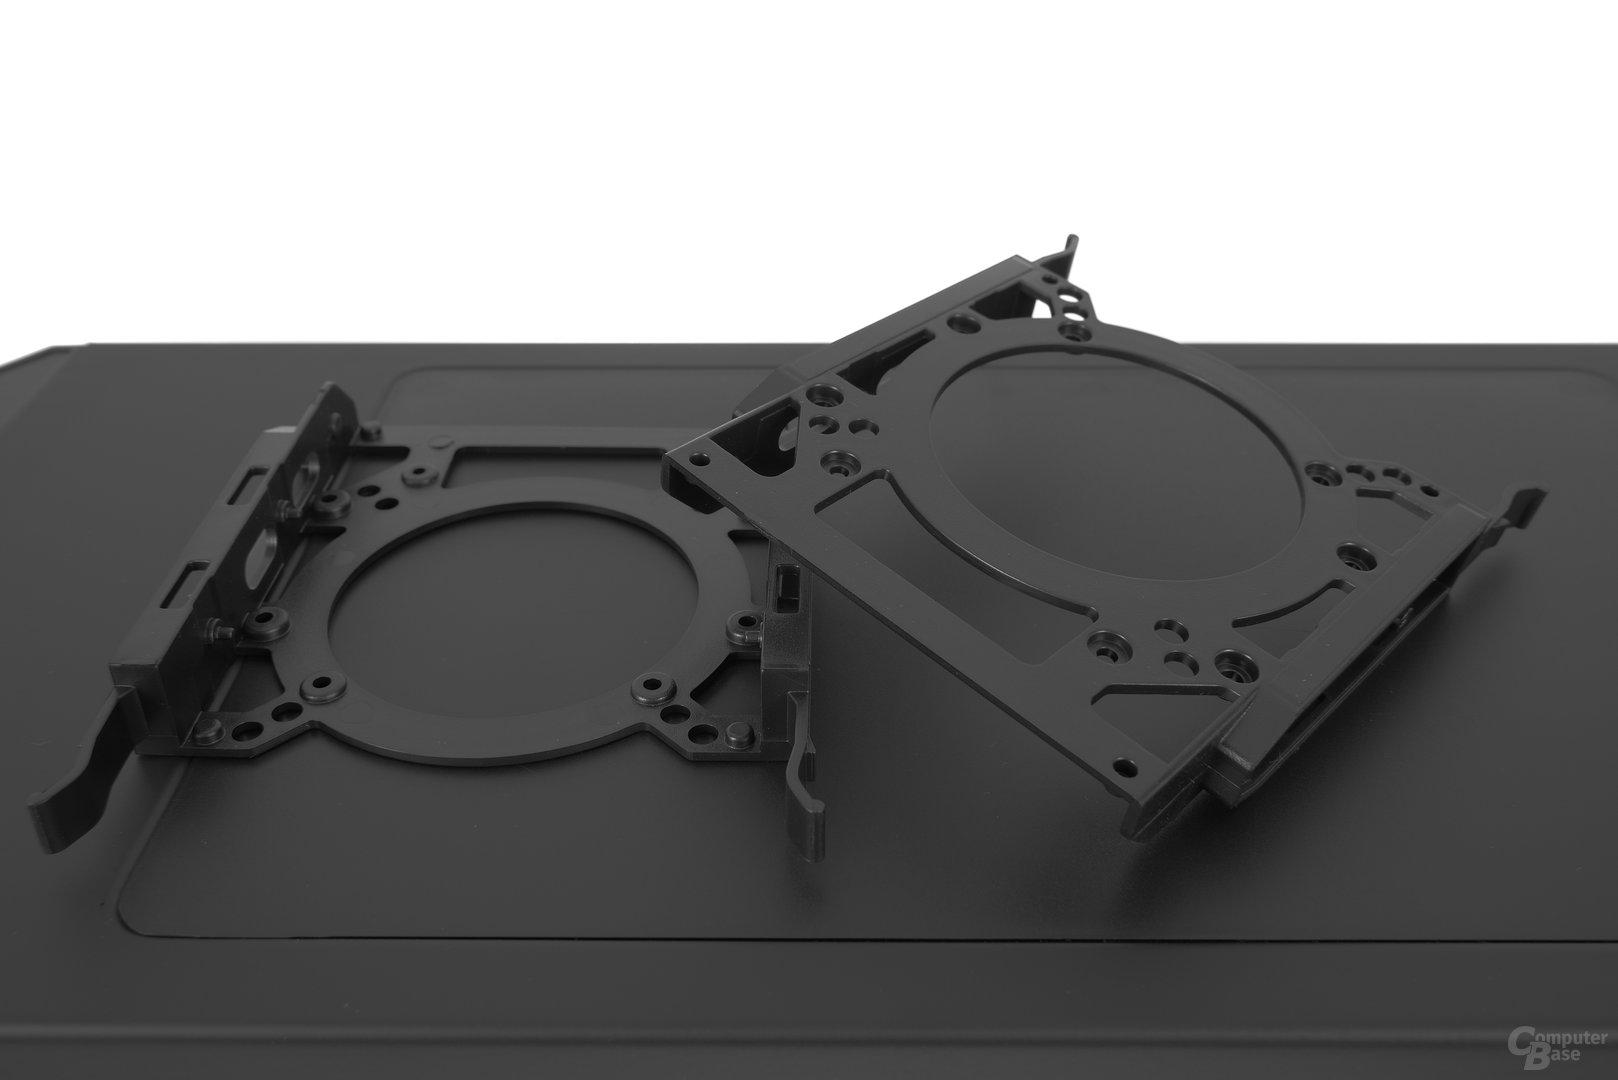 Aerocool DS 230 – Festplattenschienen im Detail